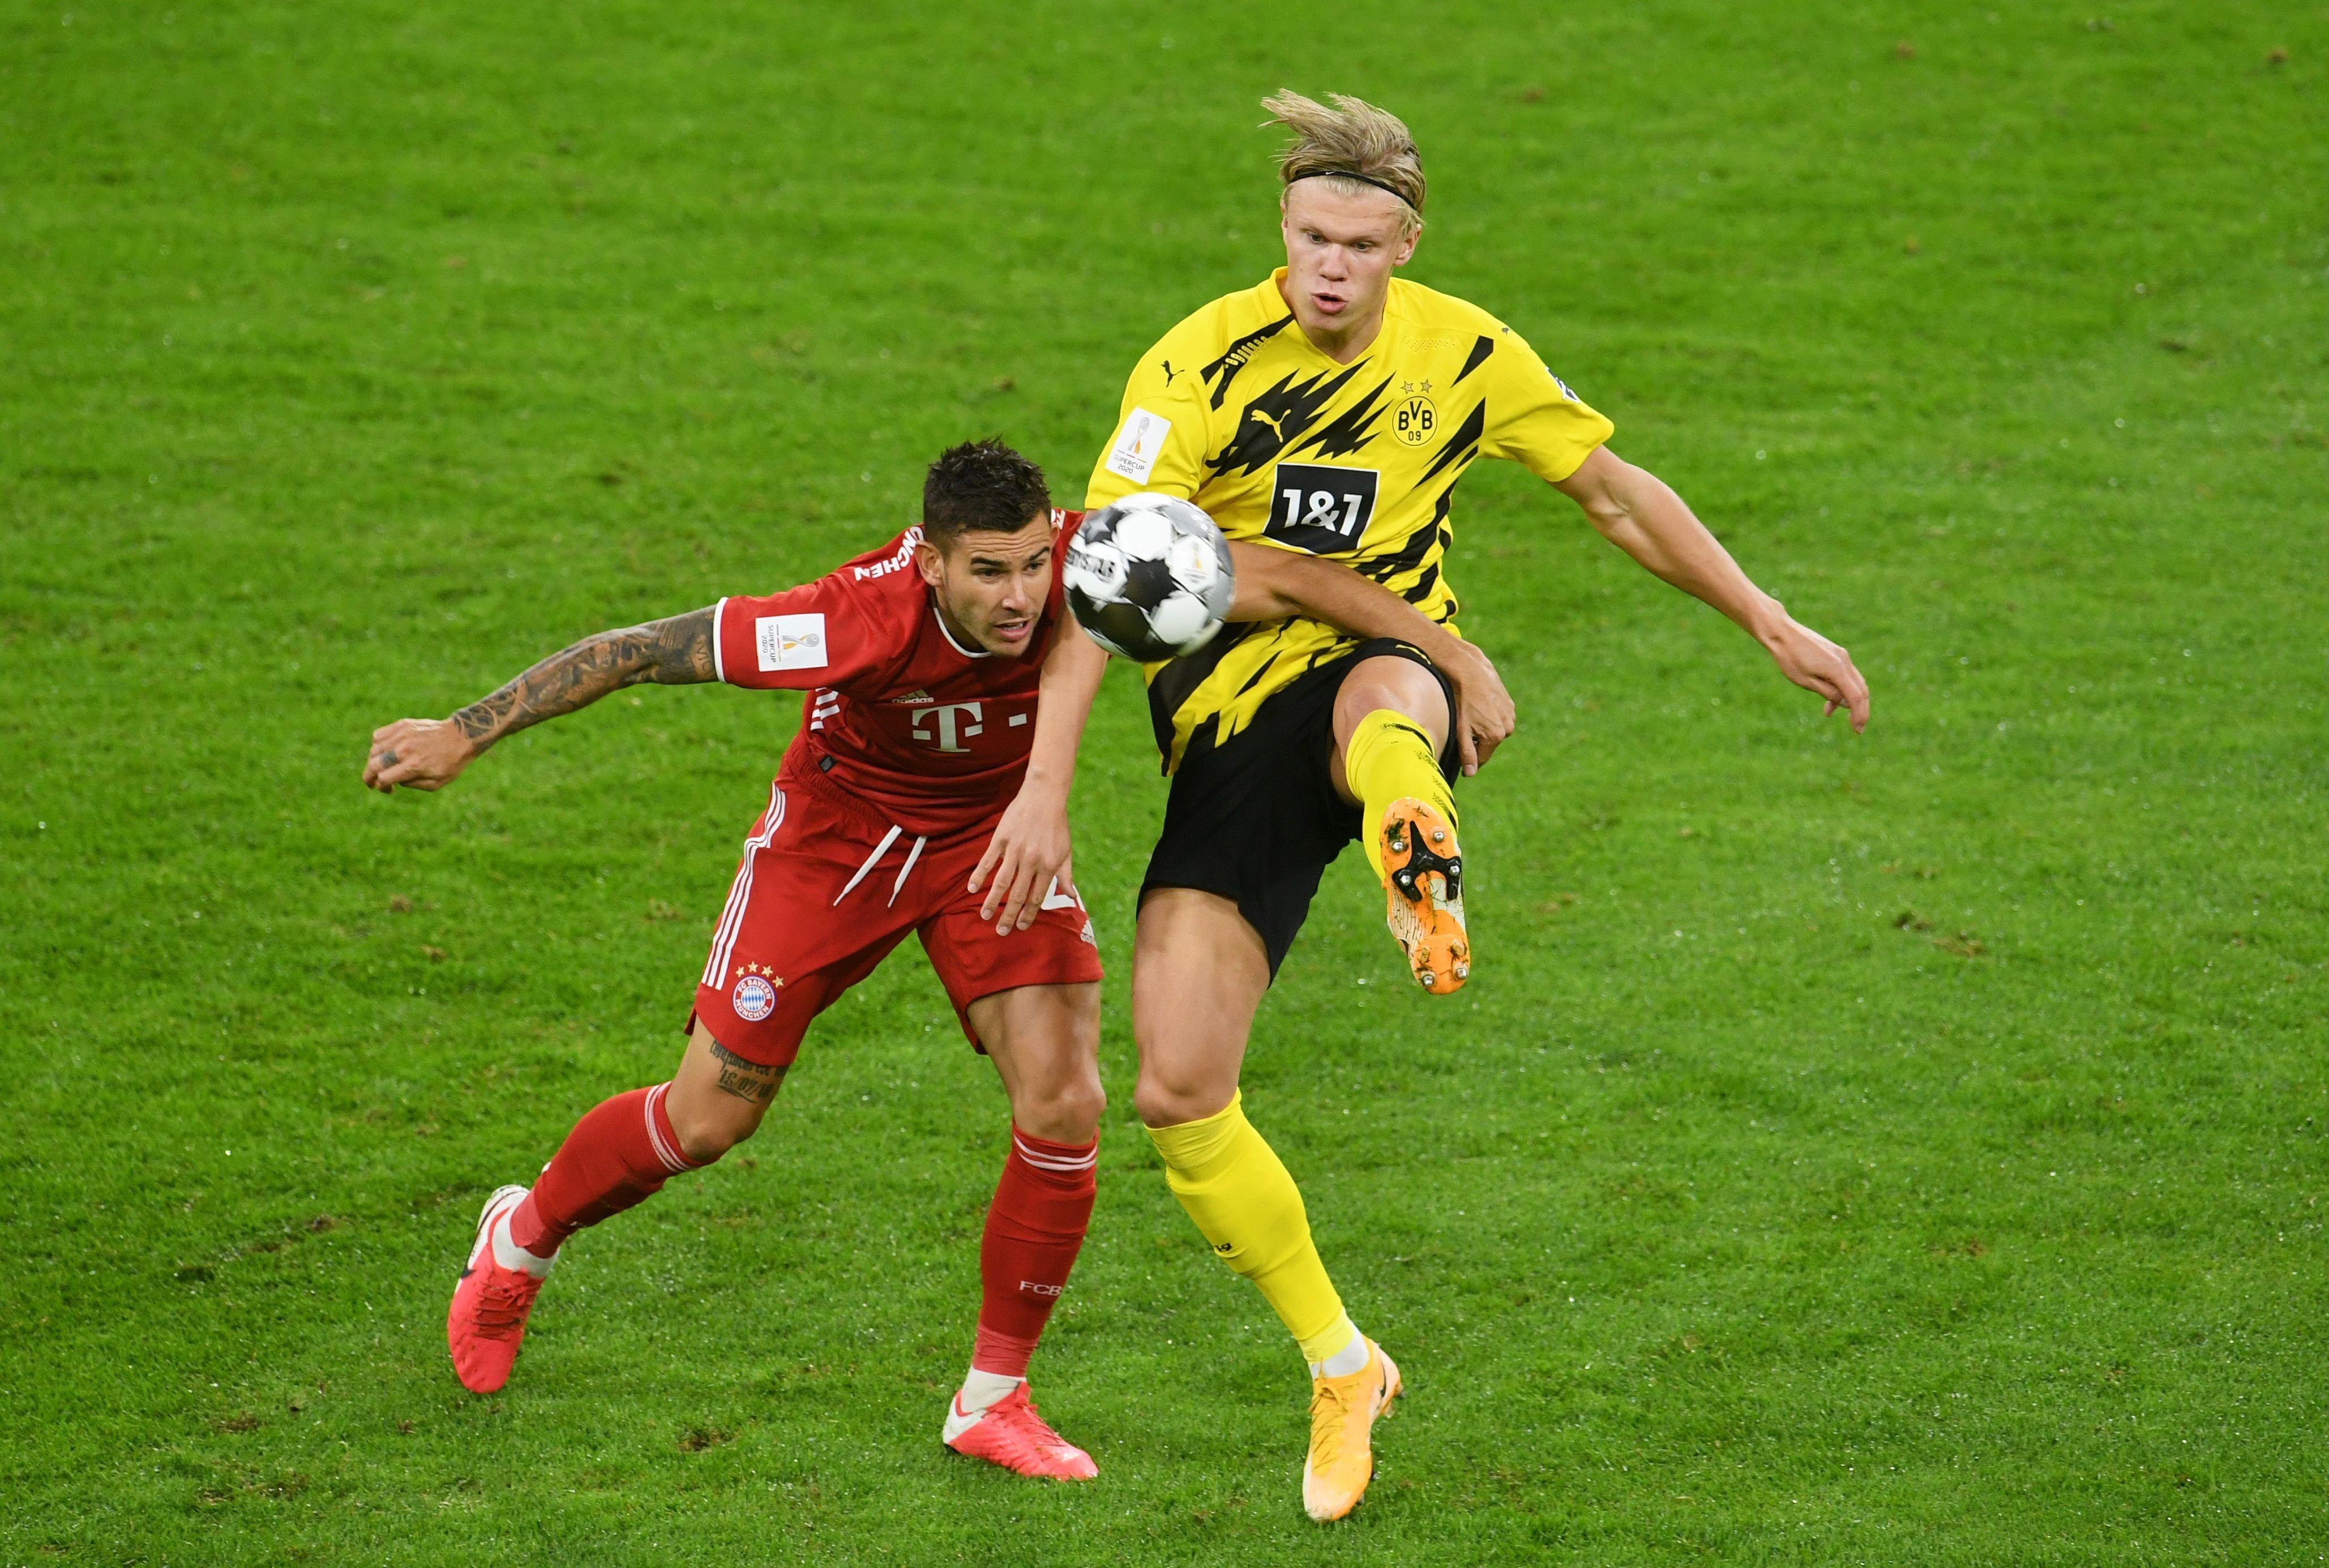 Mma Dortmund